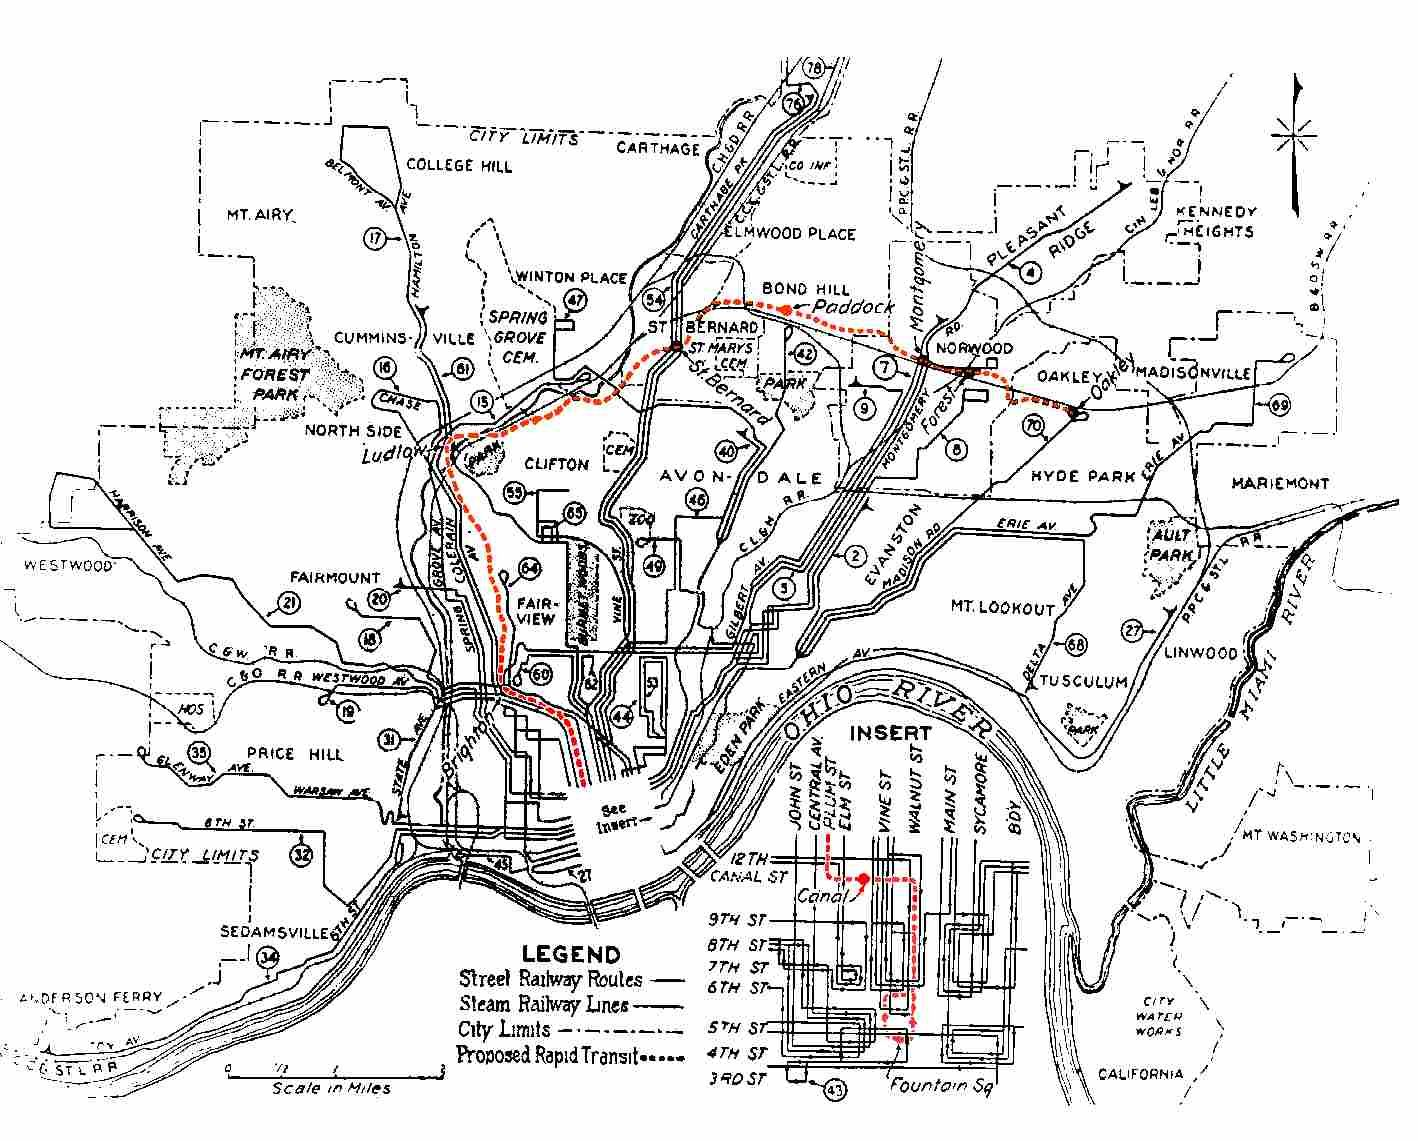 Cincinnati Subway Map.Old Cincinnati Subway Plan Map 1920s Never Built Transit In